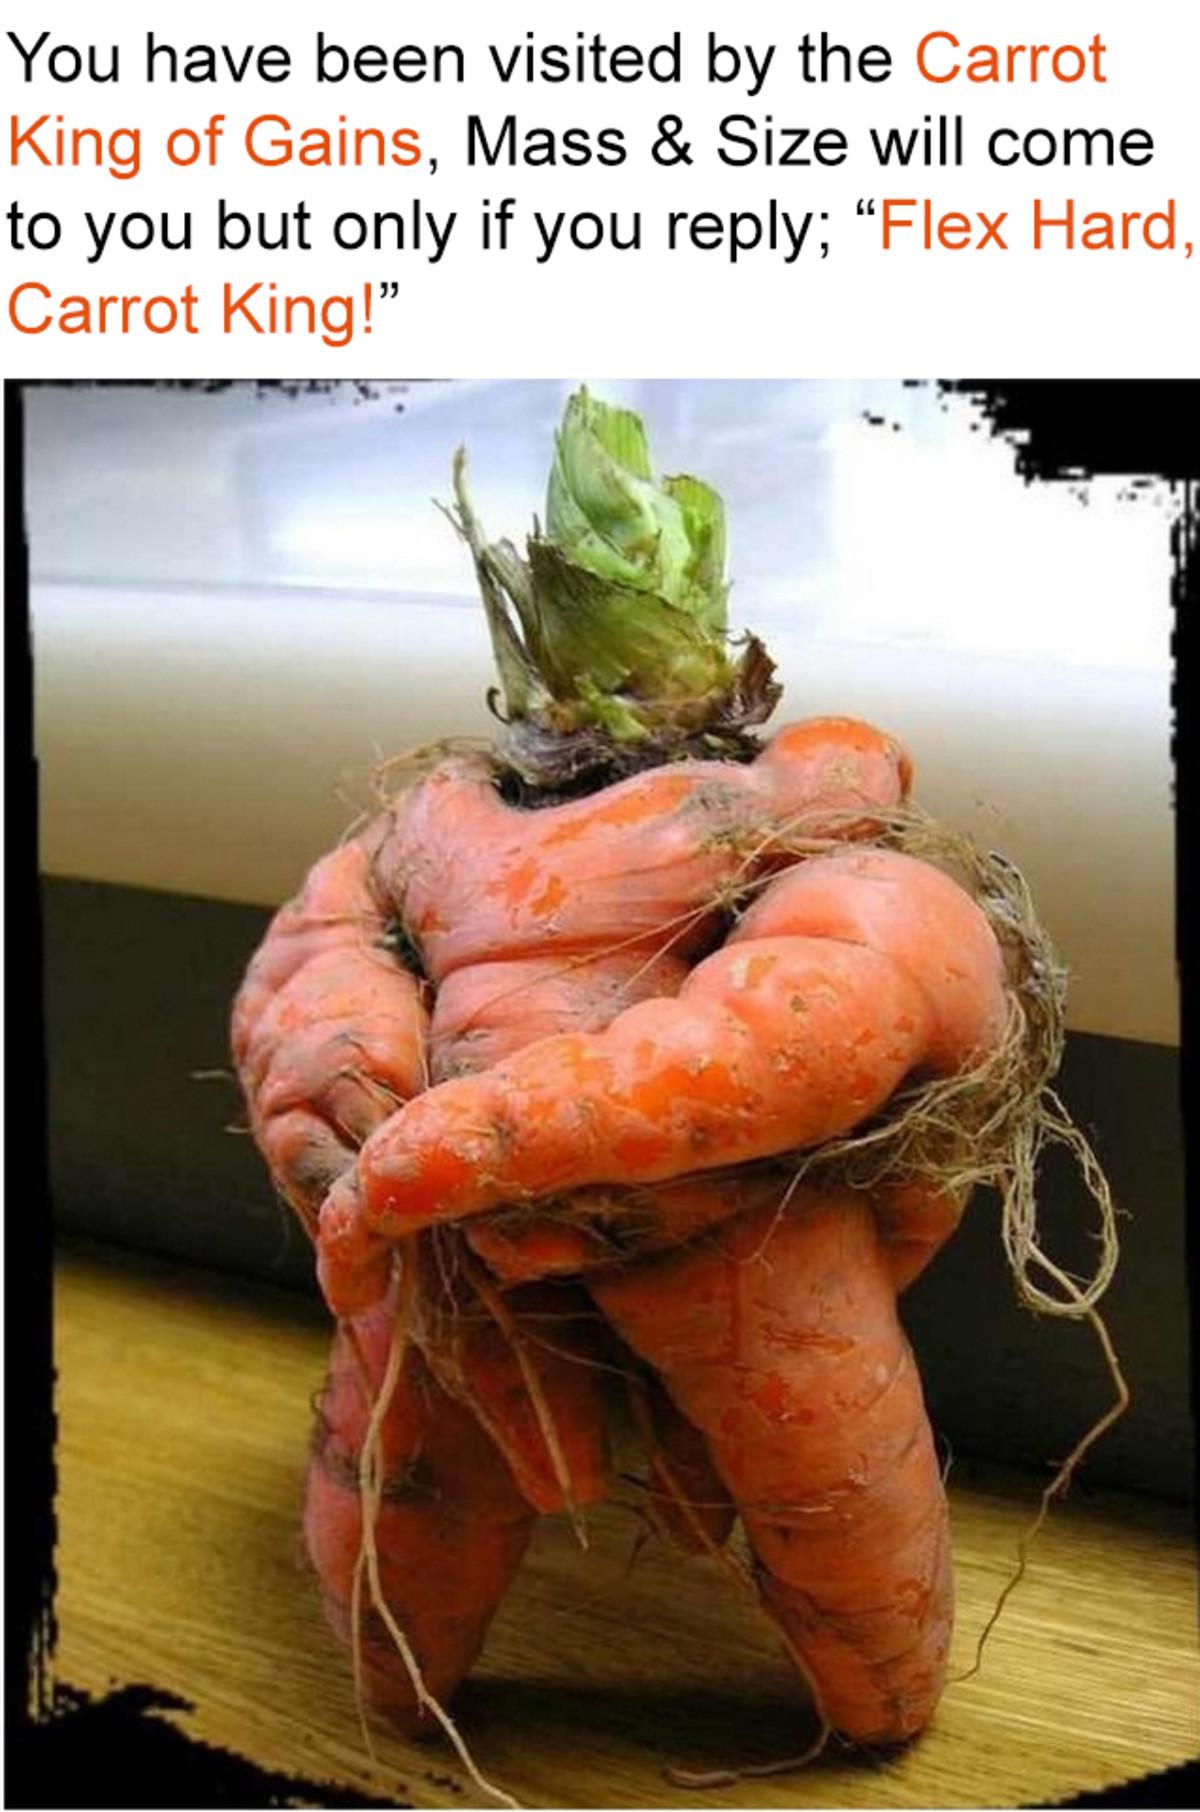 spanking jittery summary Okapi. .. Flex Hard, Carrot King!